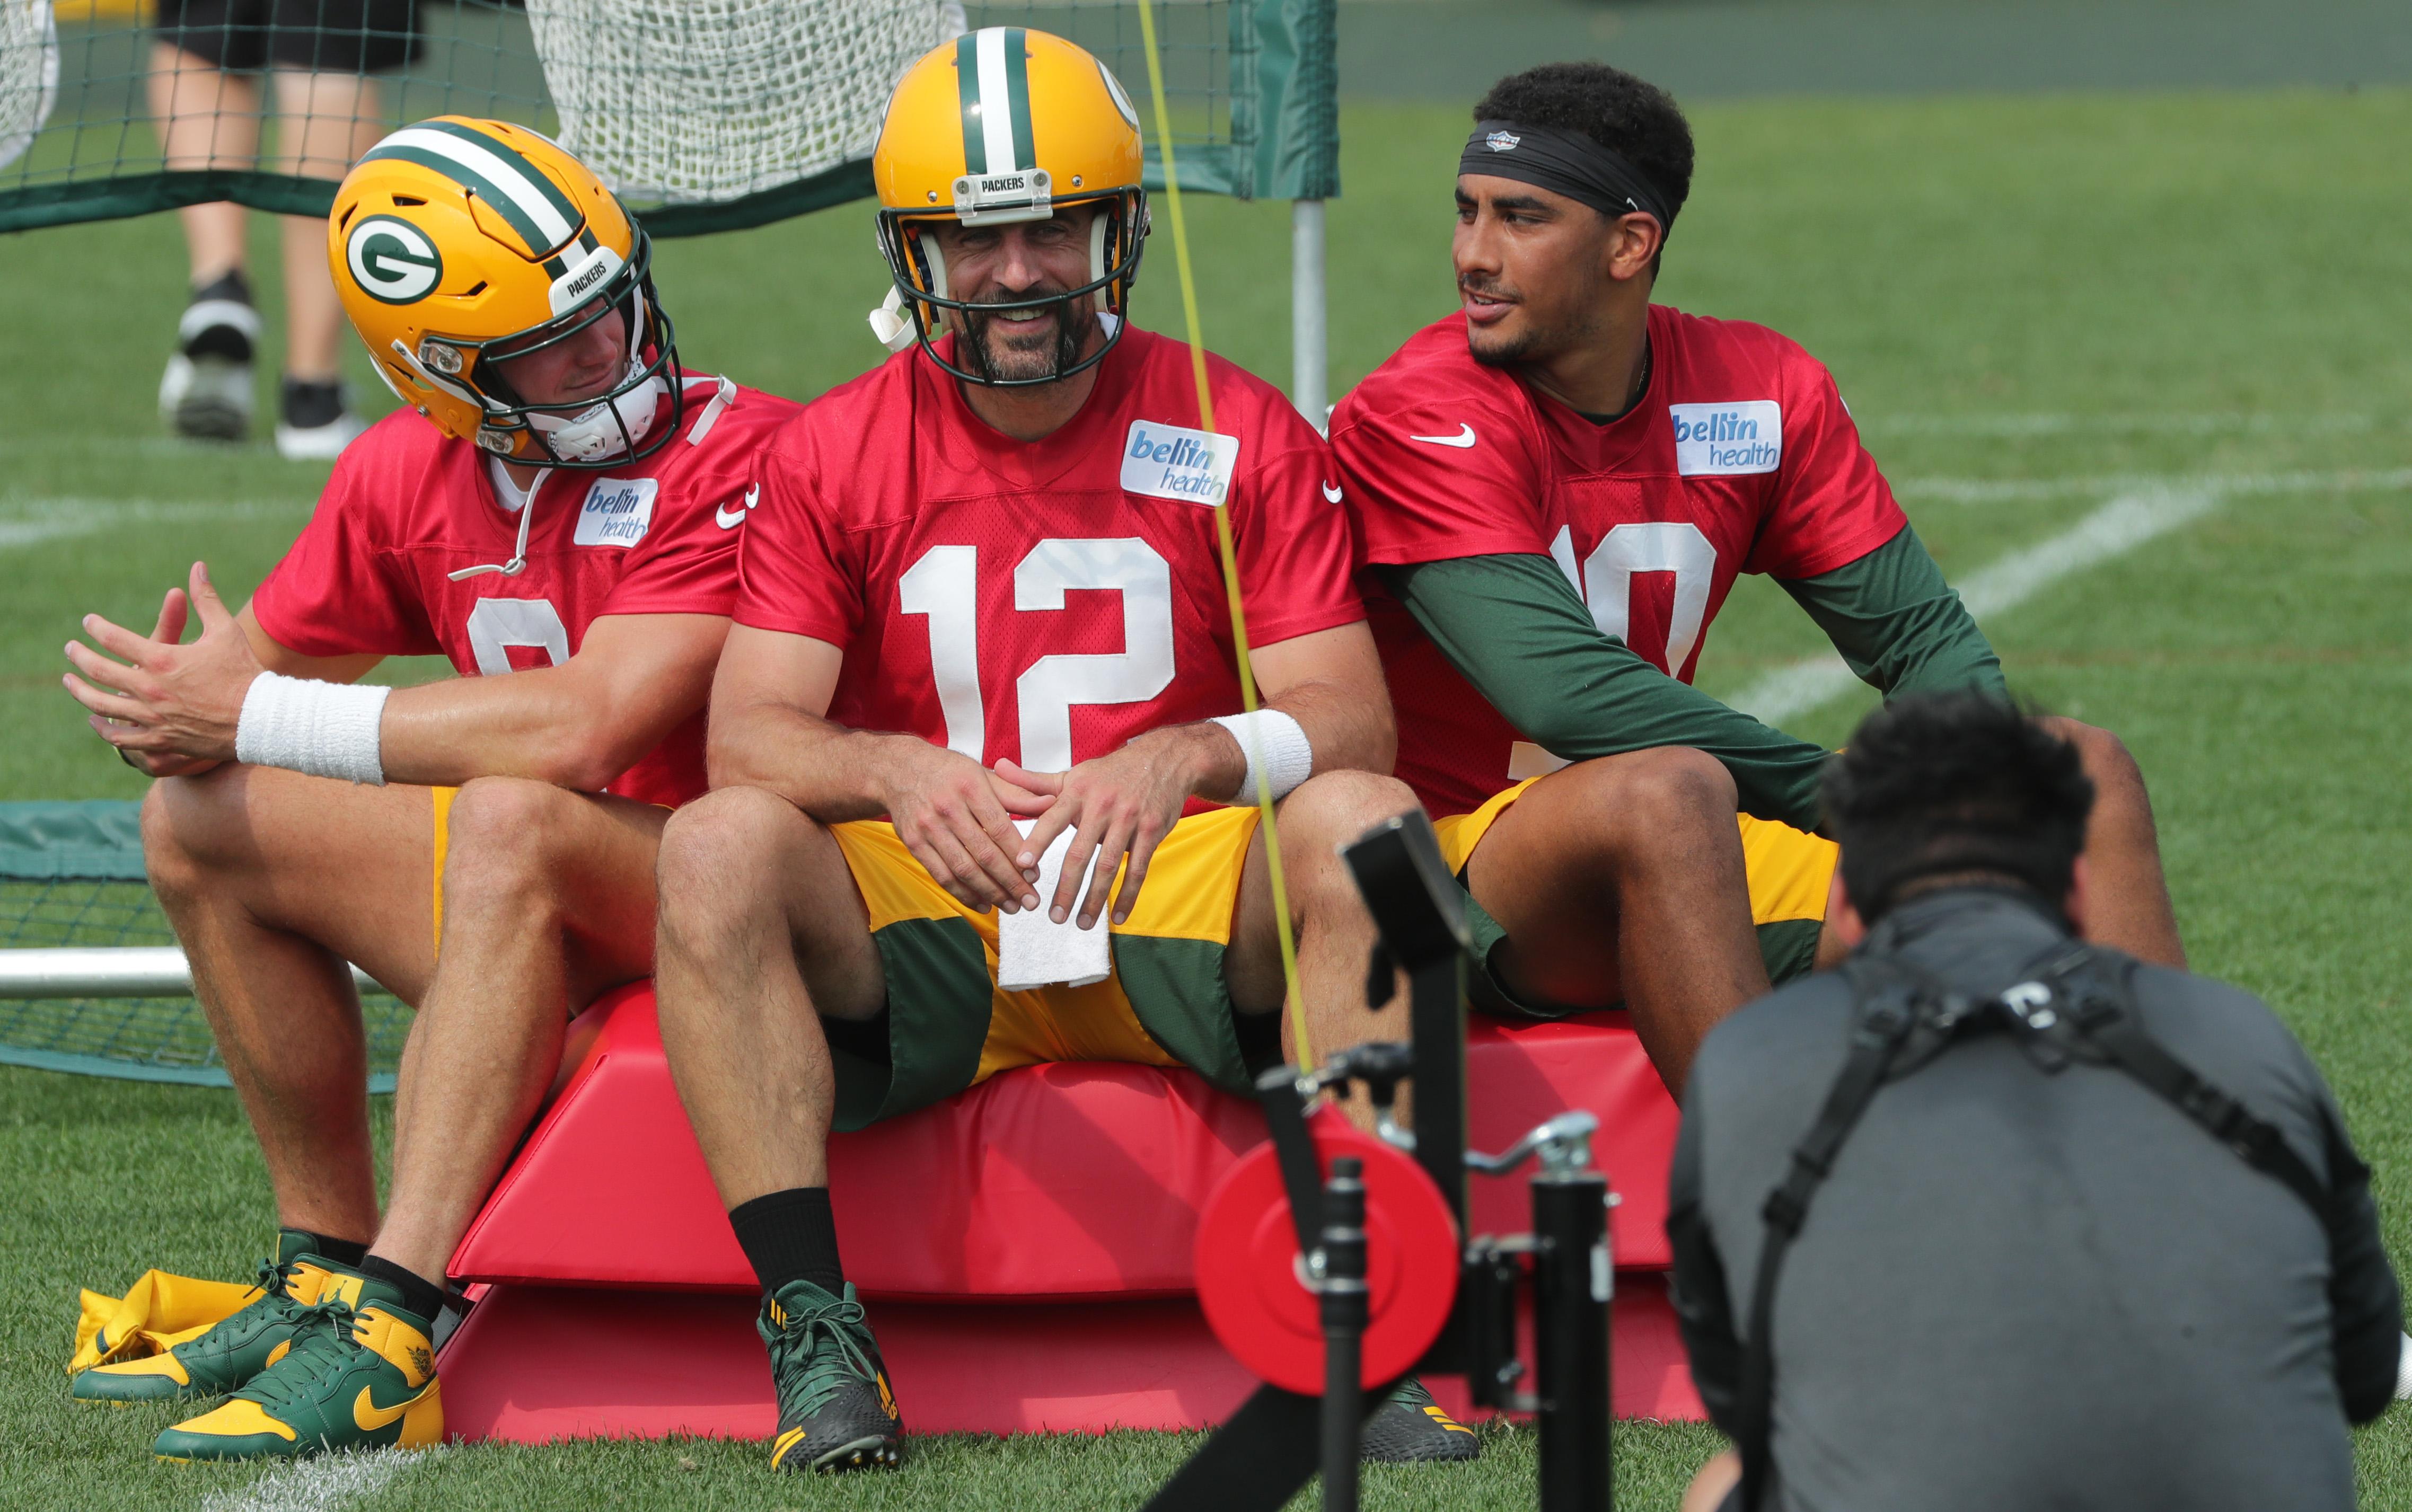 2020年8月24日,绿湾包装工队(Green Bay Packers)四分卫亚伦·罗杰斯(Aaron Rodgers)与后备四分卫蒂姆·博伊尔(Tim Boyle)(左)和乔丹·洛夫(Jordan Love)在威斯康辛州的绿湾训练营。